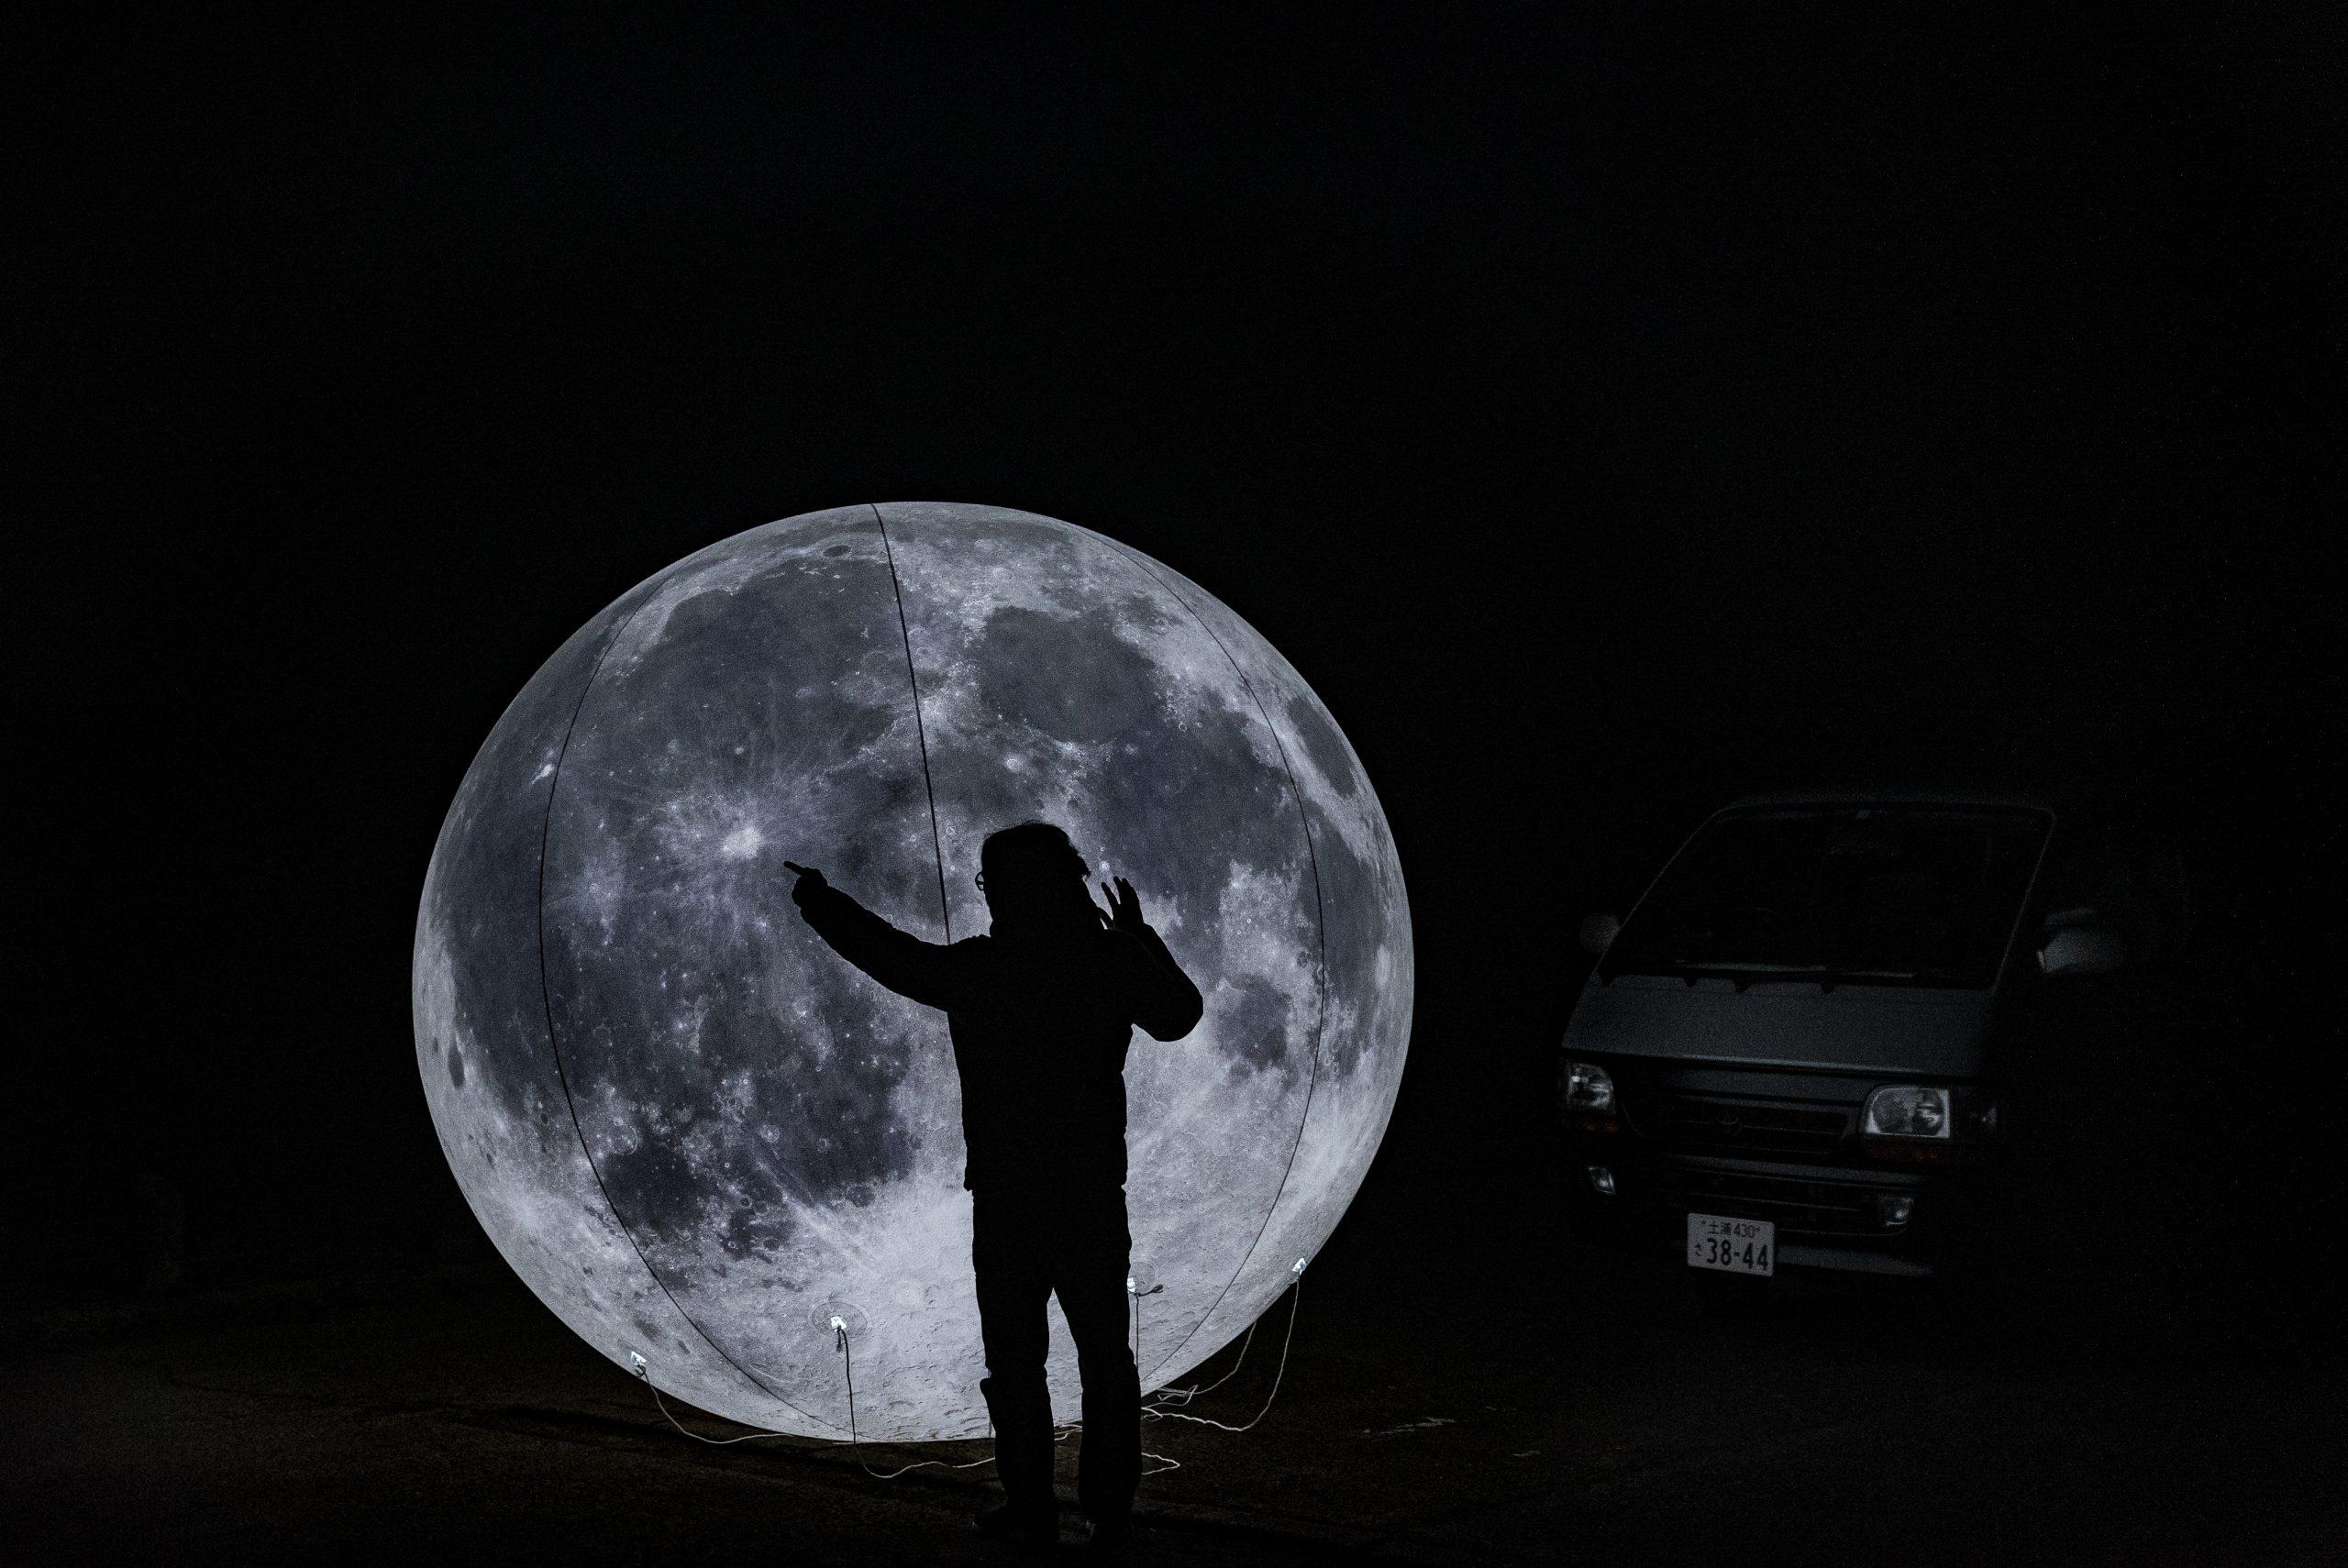 大きな月球